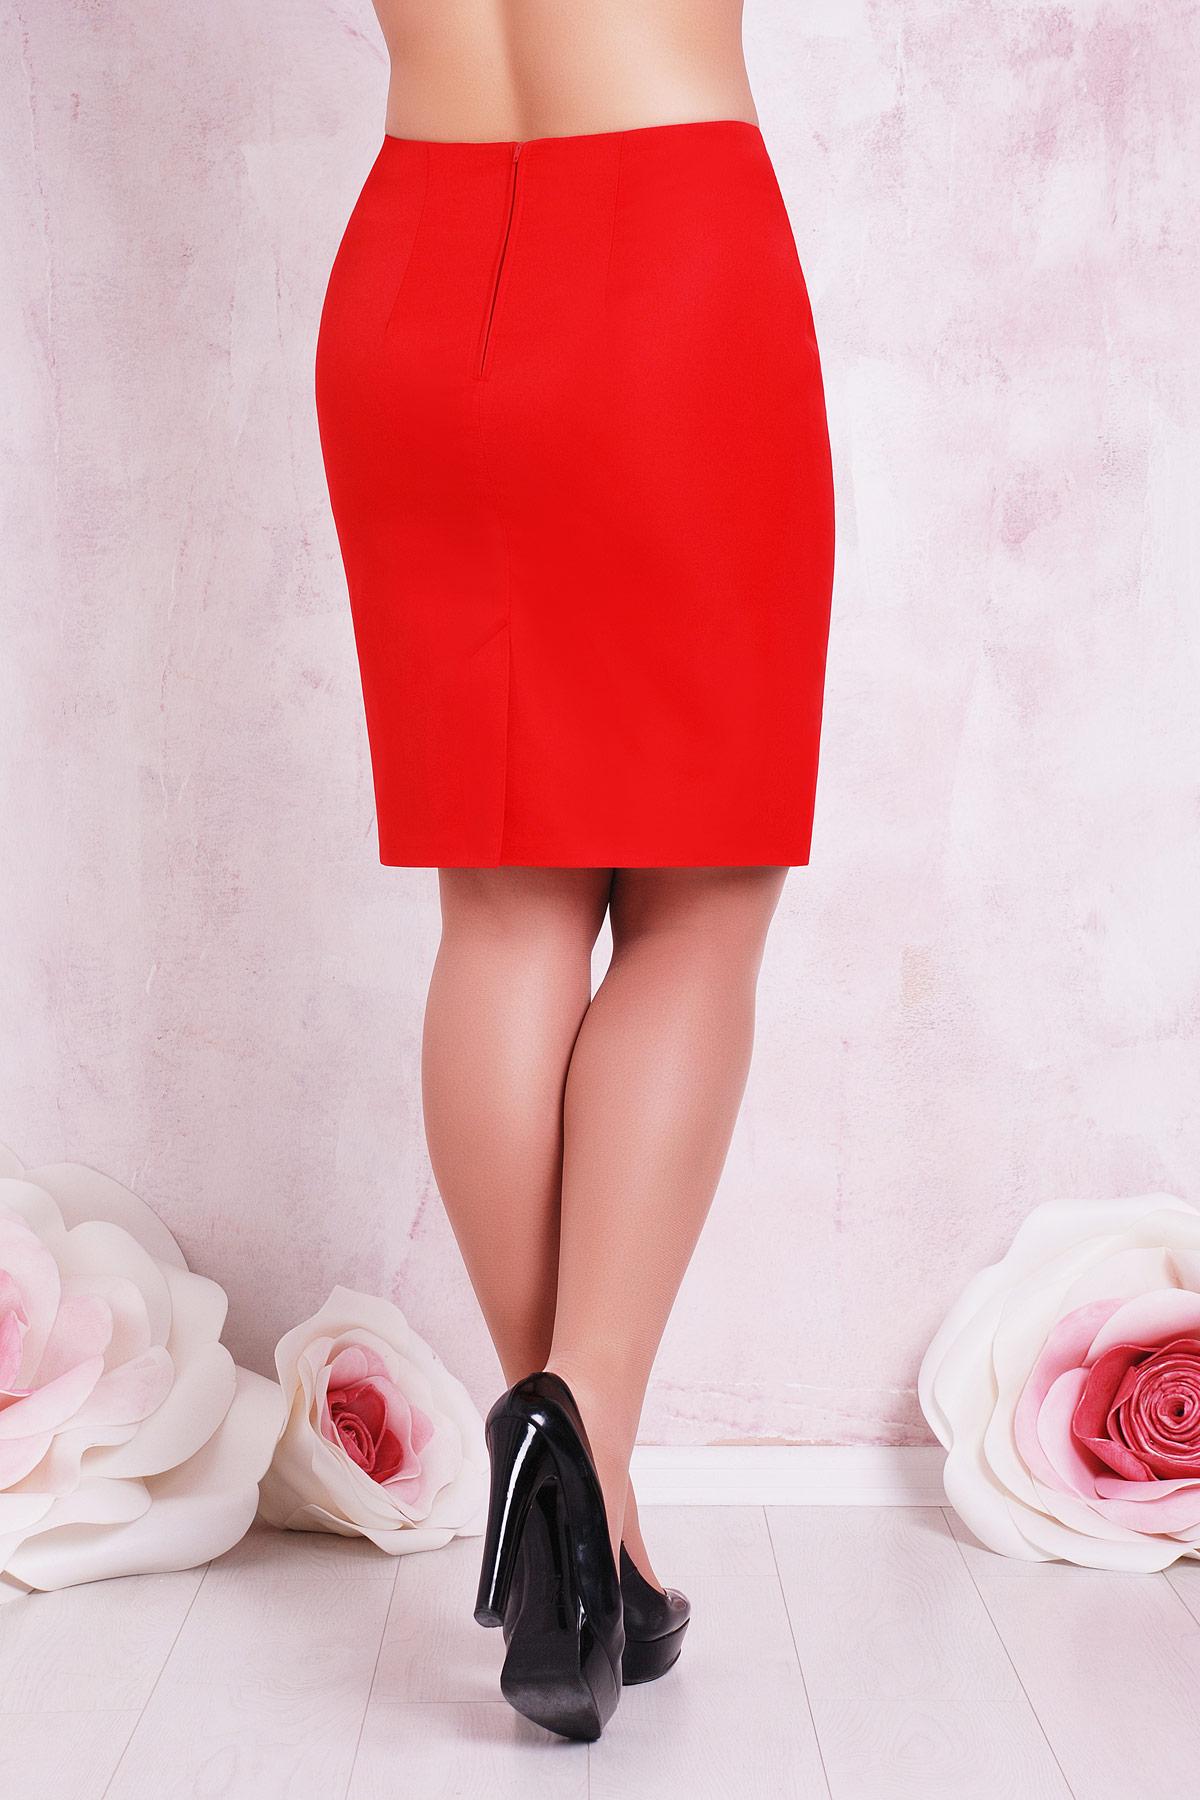 красная юбка большого размера. юбка мод. №1 Б. Цвет: красный